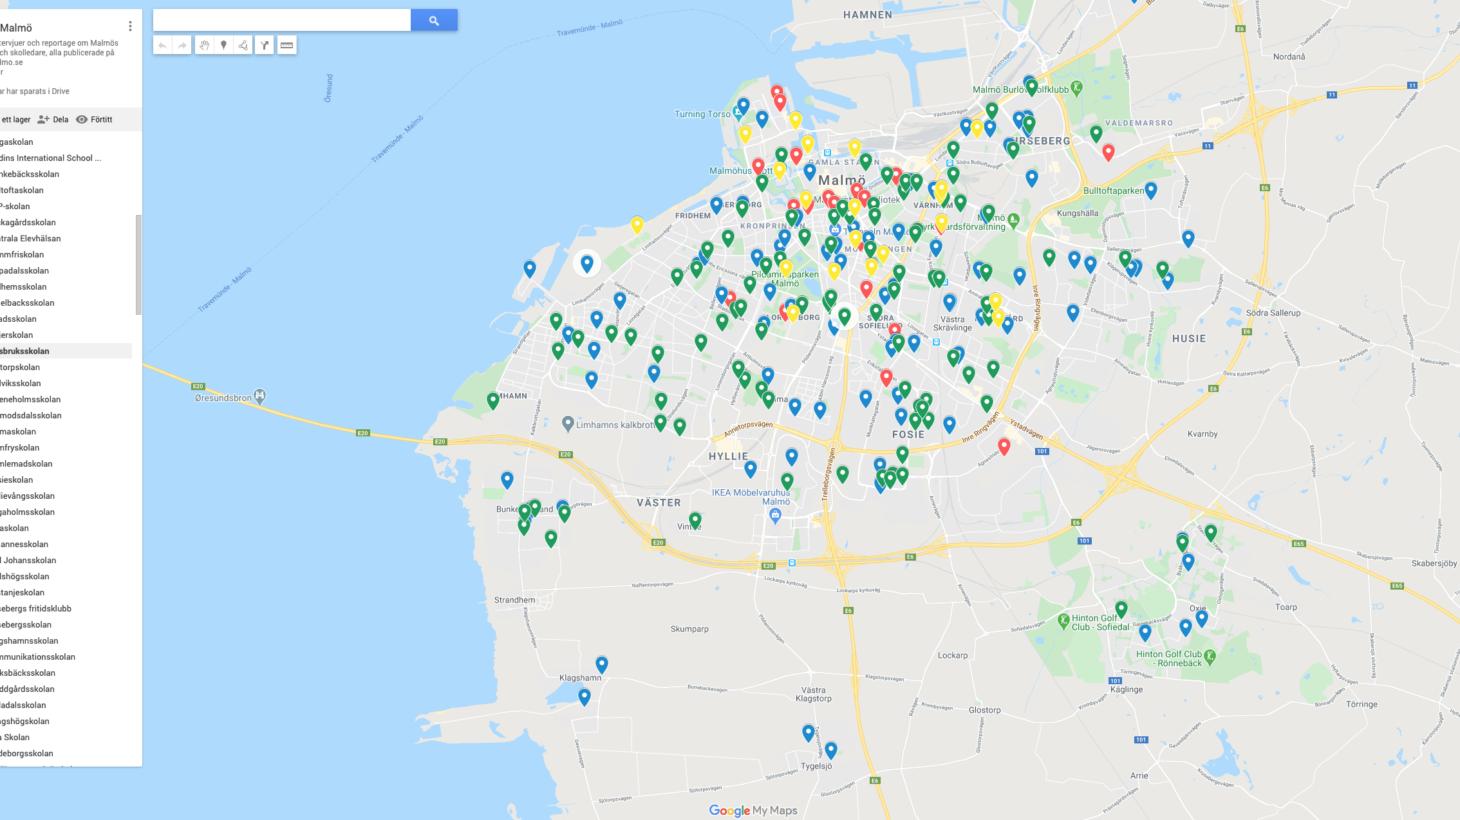 Skärmavbild av en google karta